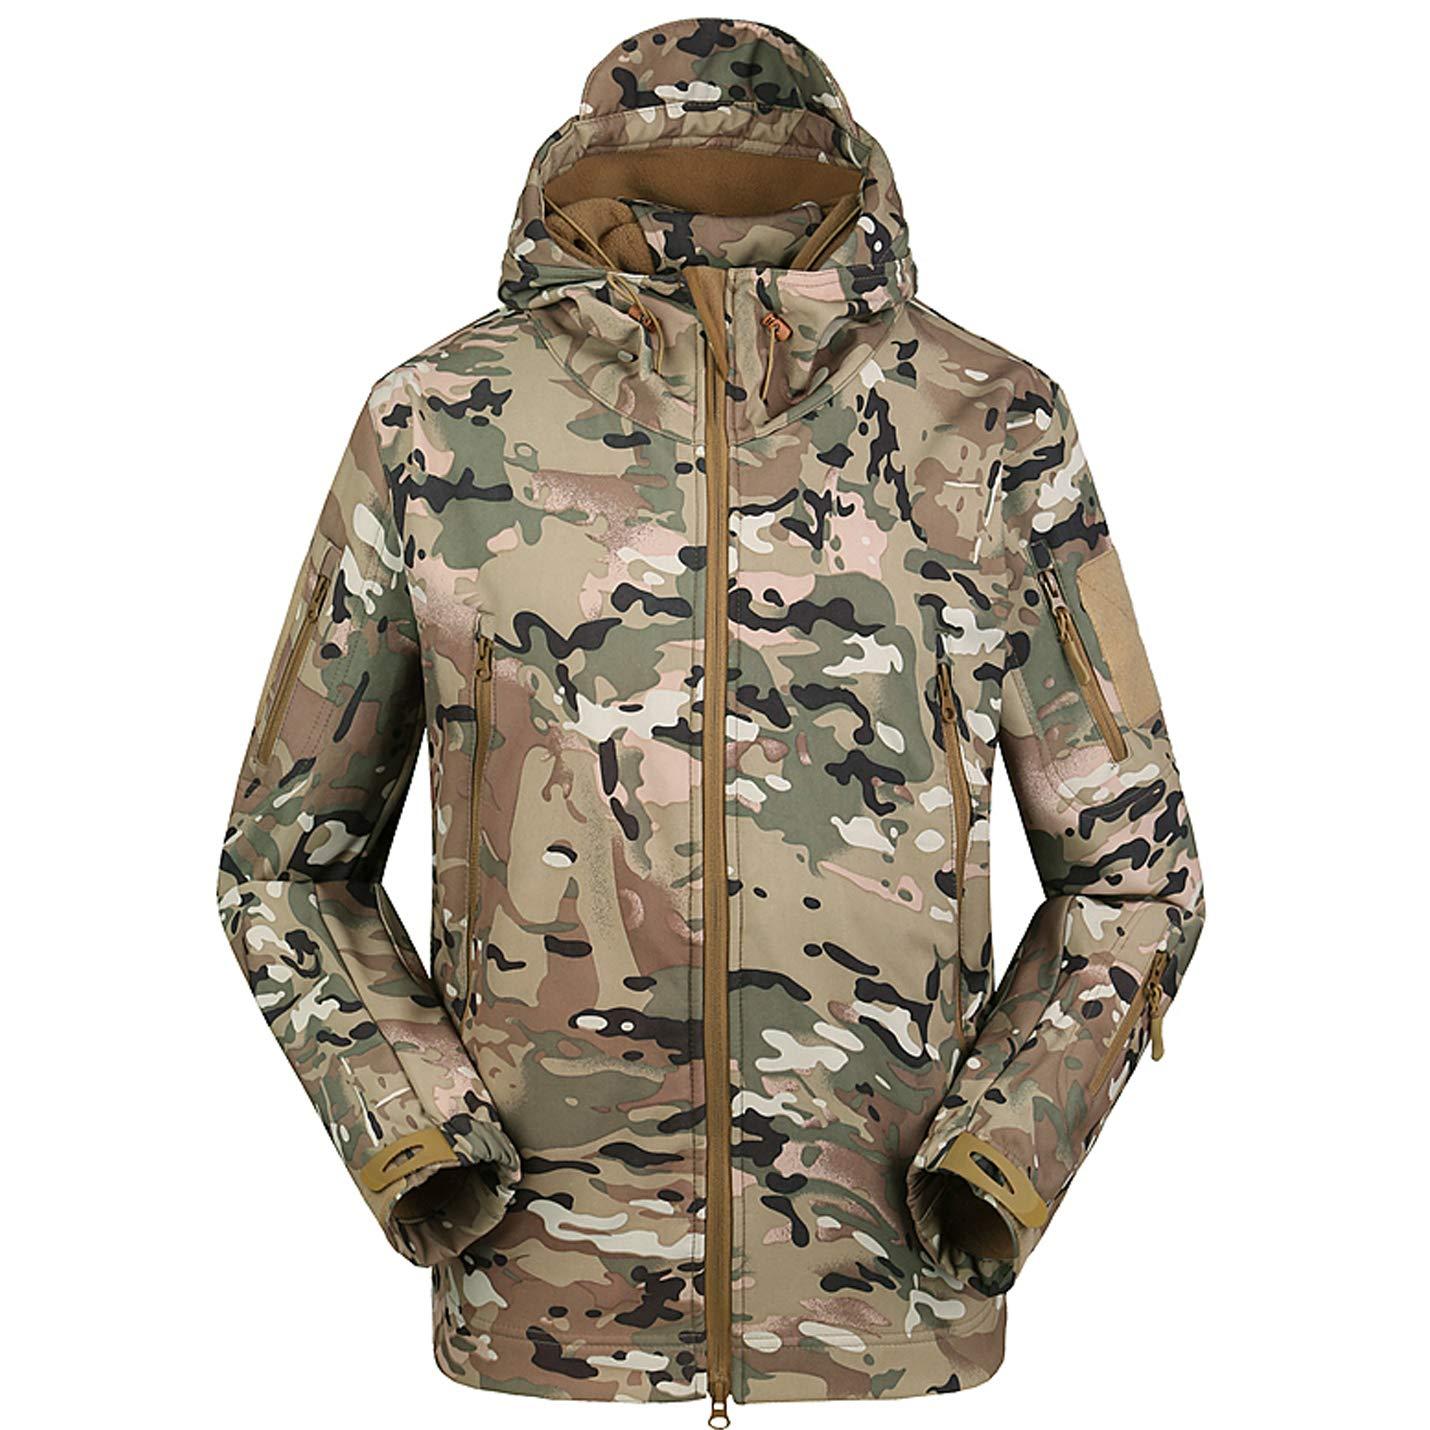 Flygo Men's Men's Tactical Camouflage Hooded Outdoor Fleece Coat Softshell Jacket (Pc, Large)